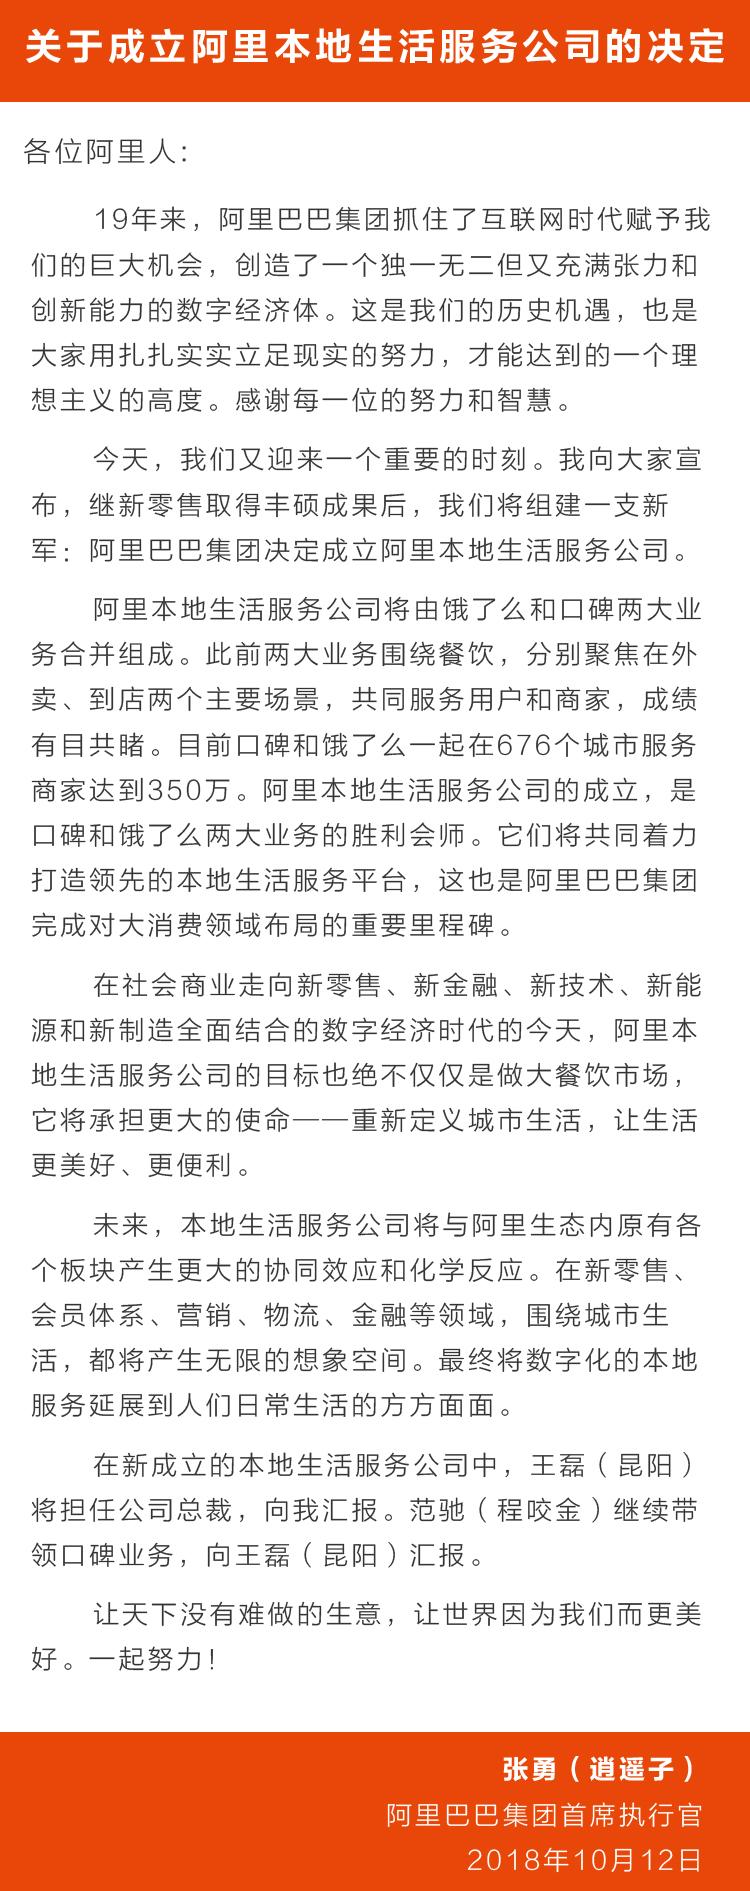 饿了么与口碑合并 饿了么CEO王磊兼任新公司总裁